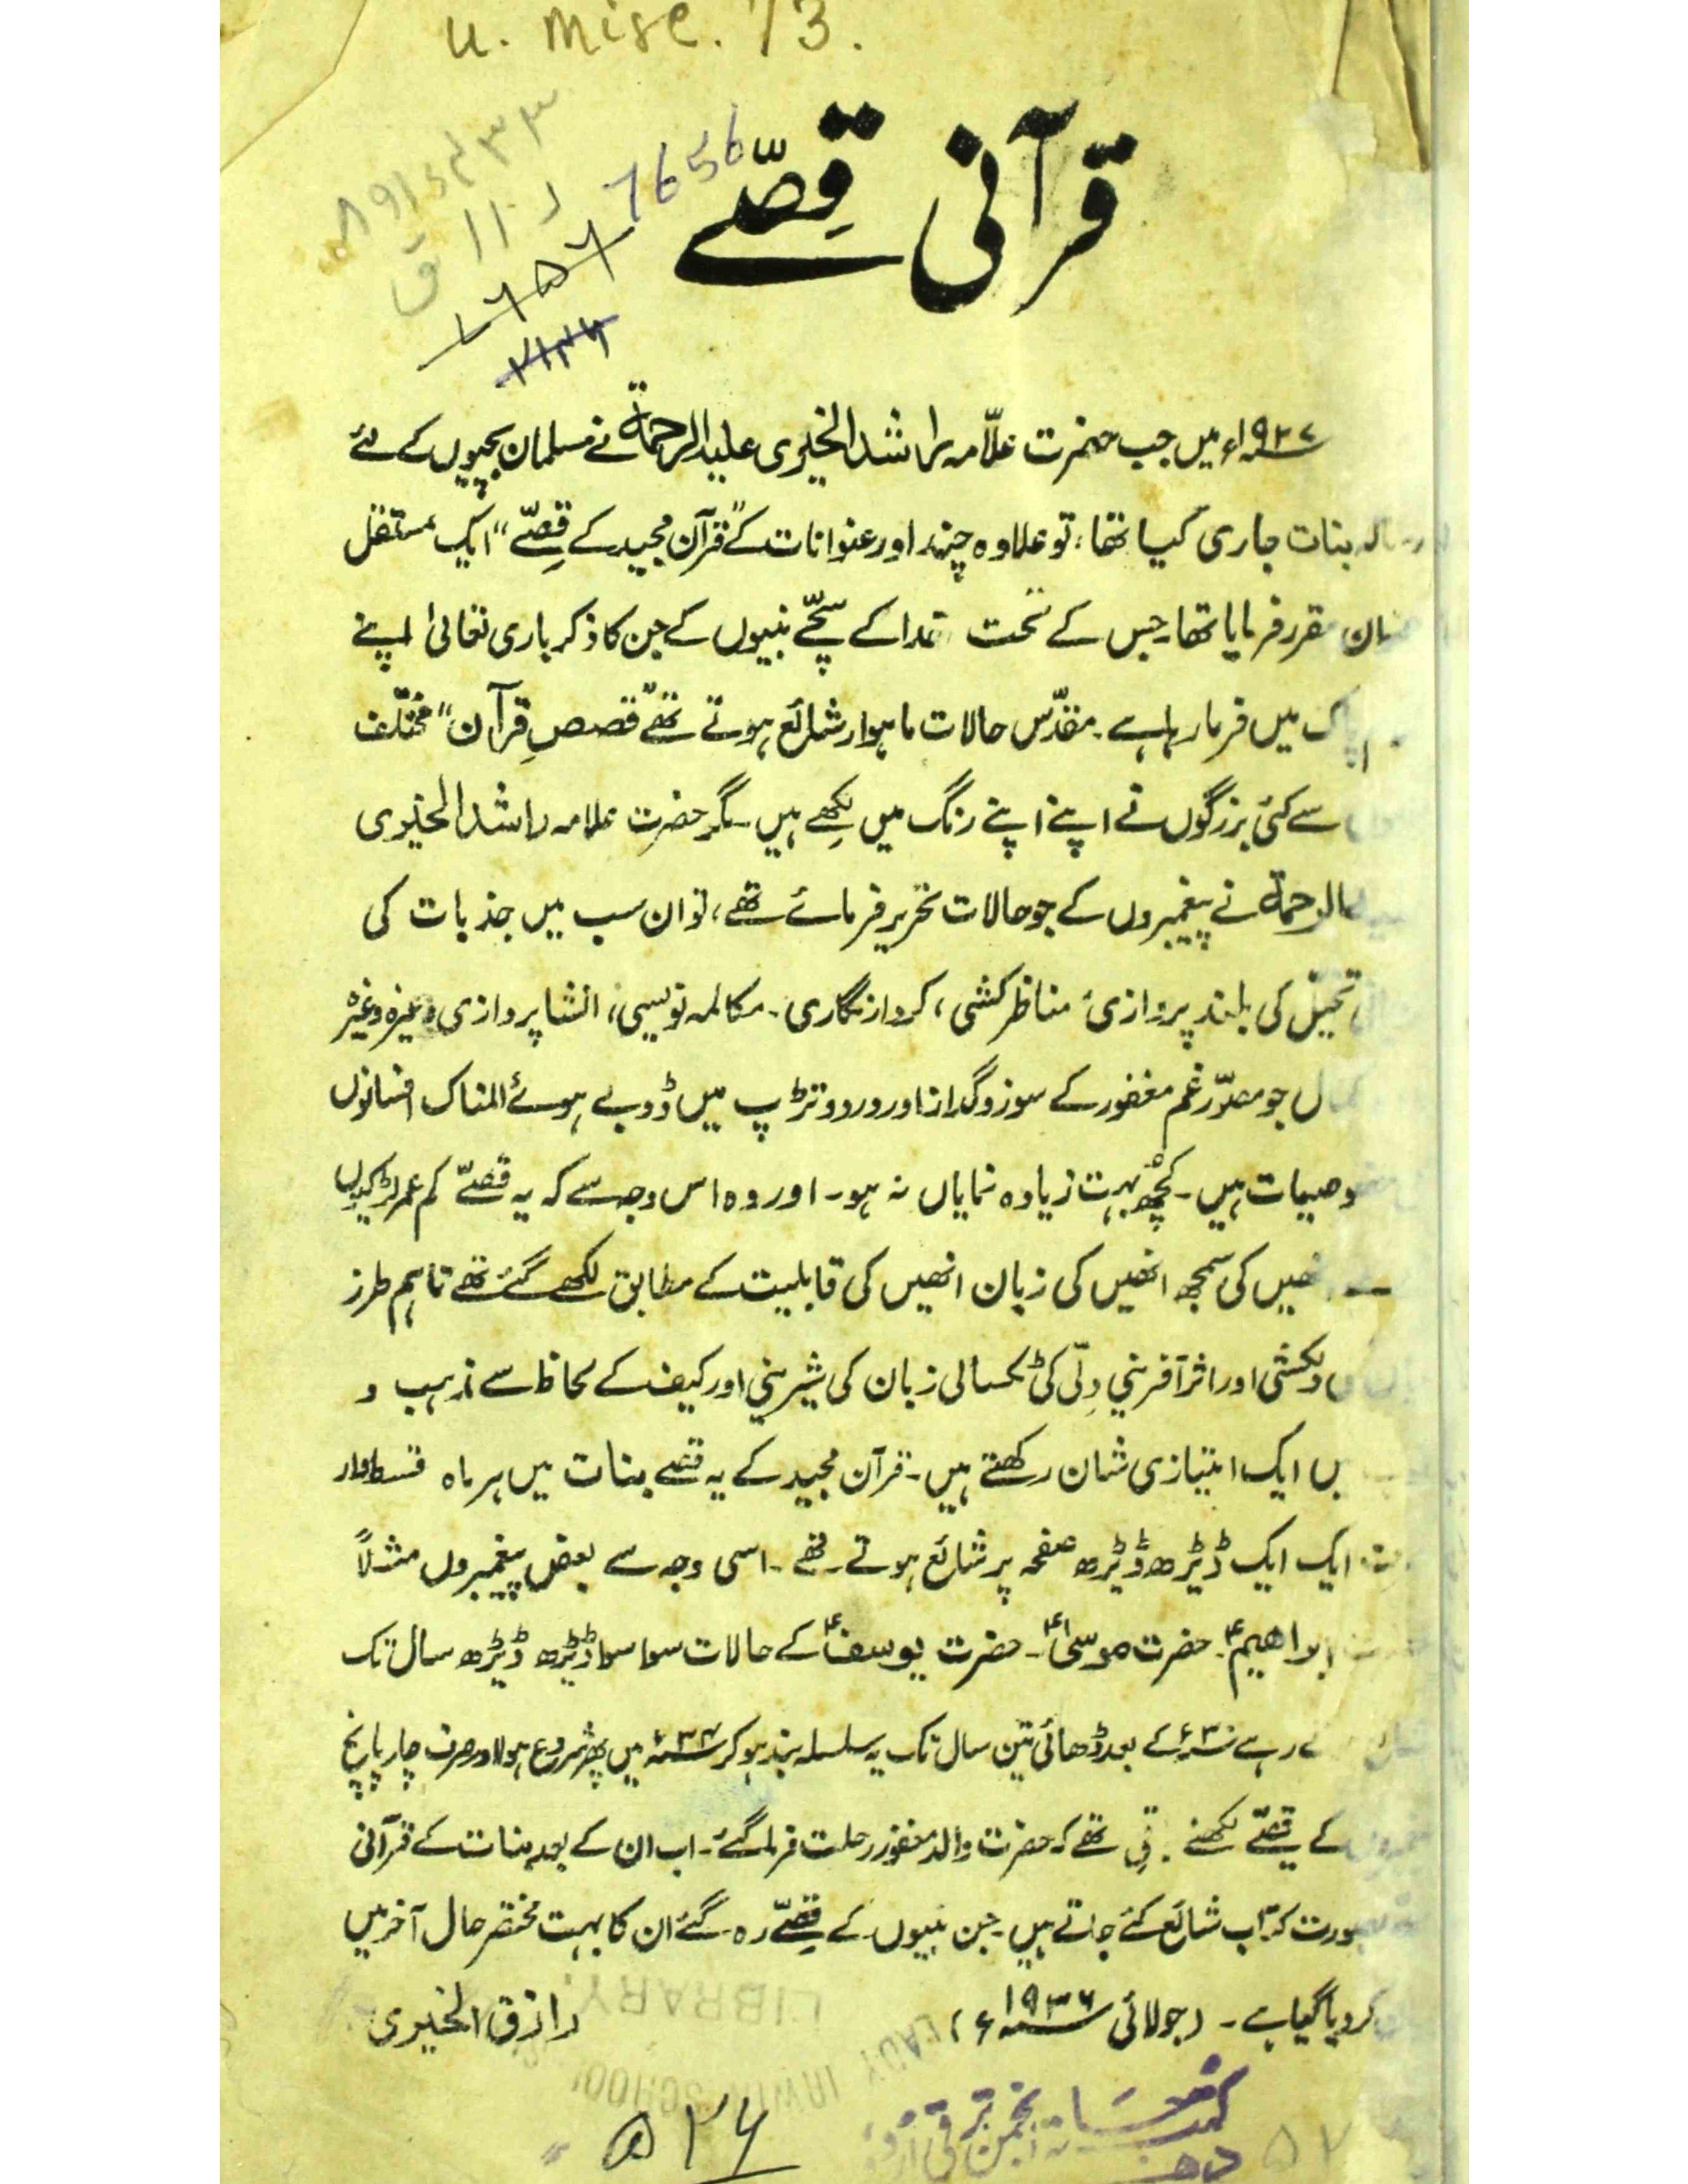 Qurani Qisse